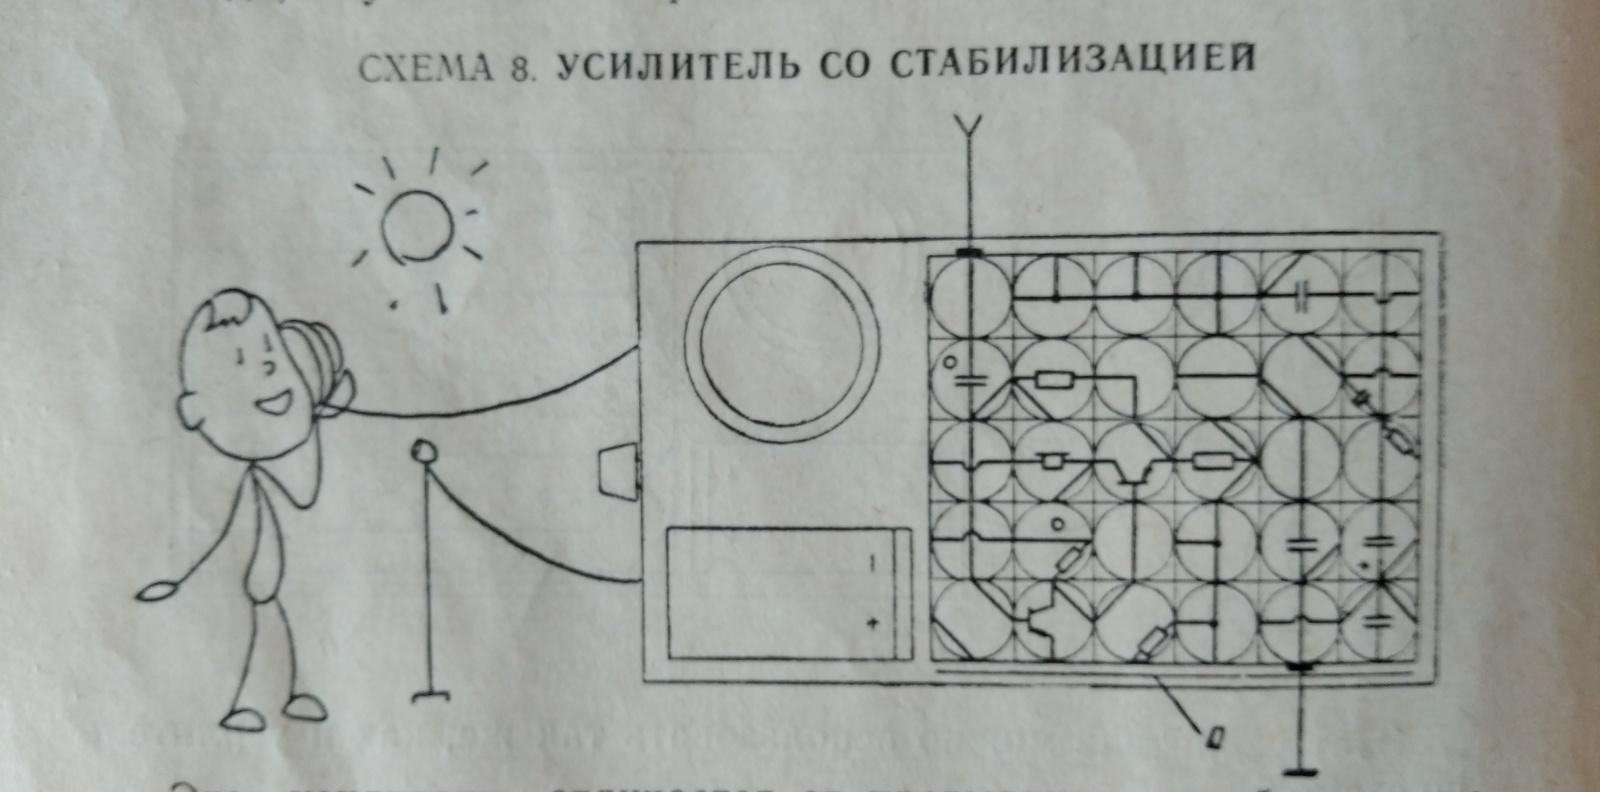 Радиоконструктор «Электронные кубики»: ностальгия по детству - 4